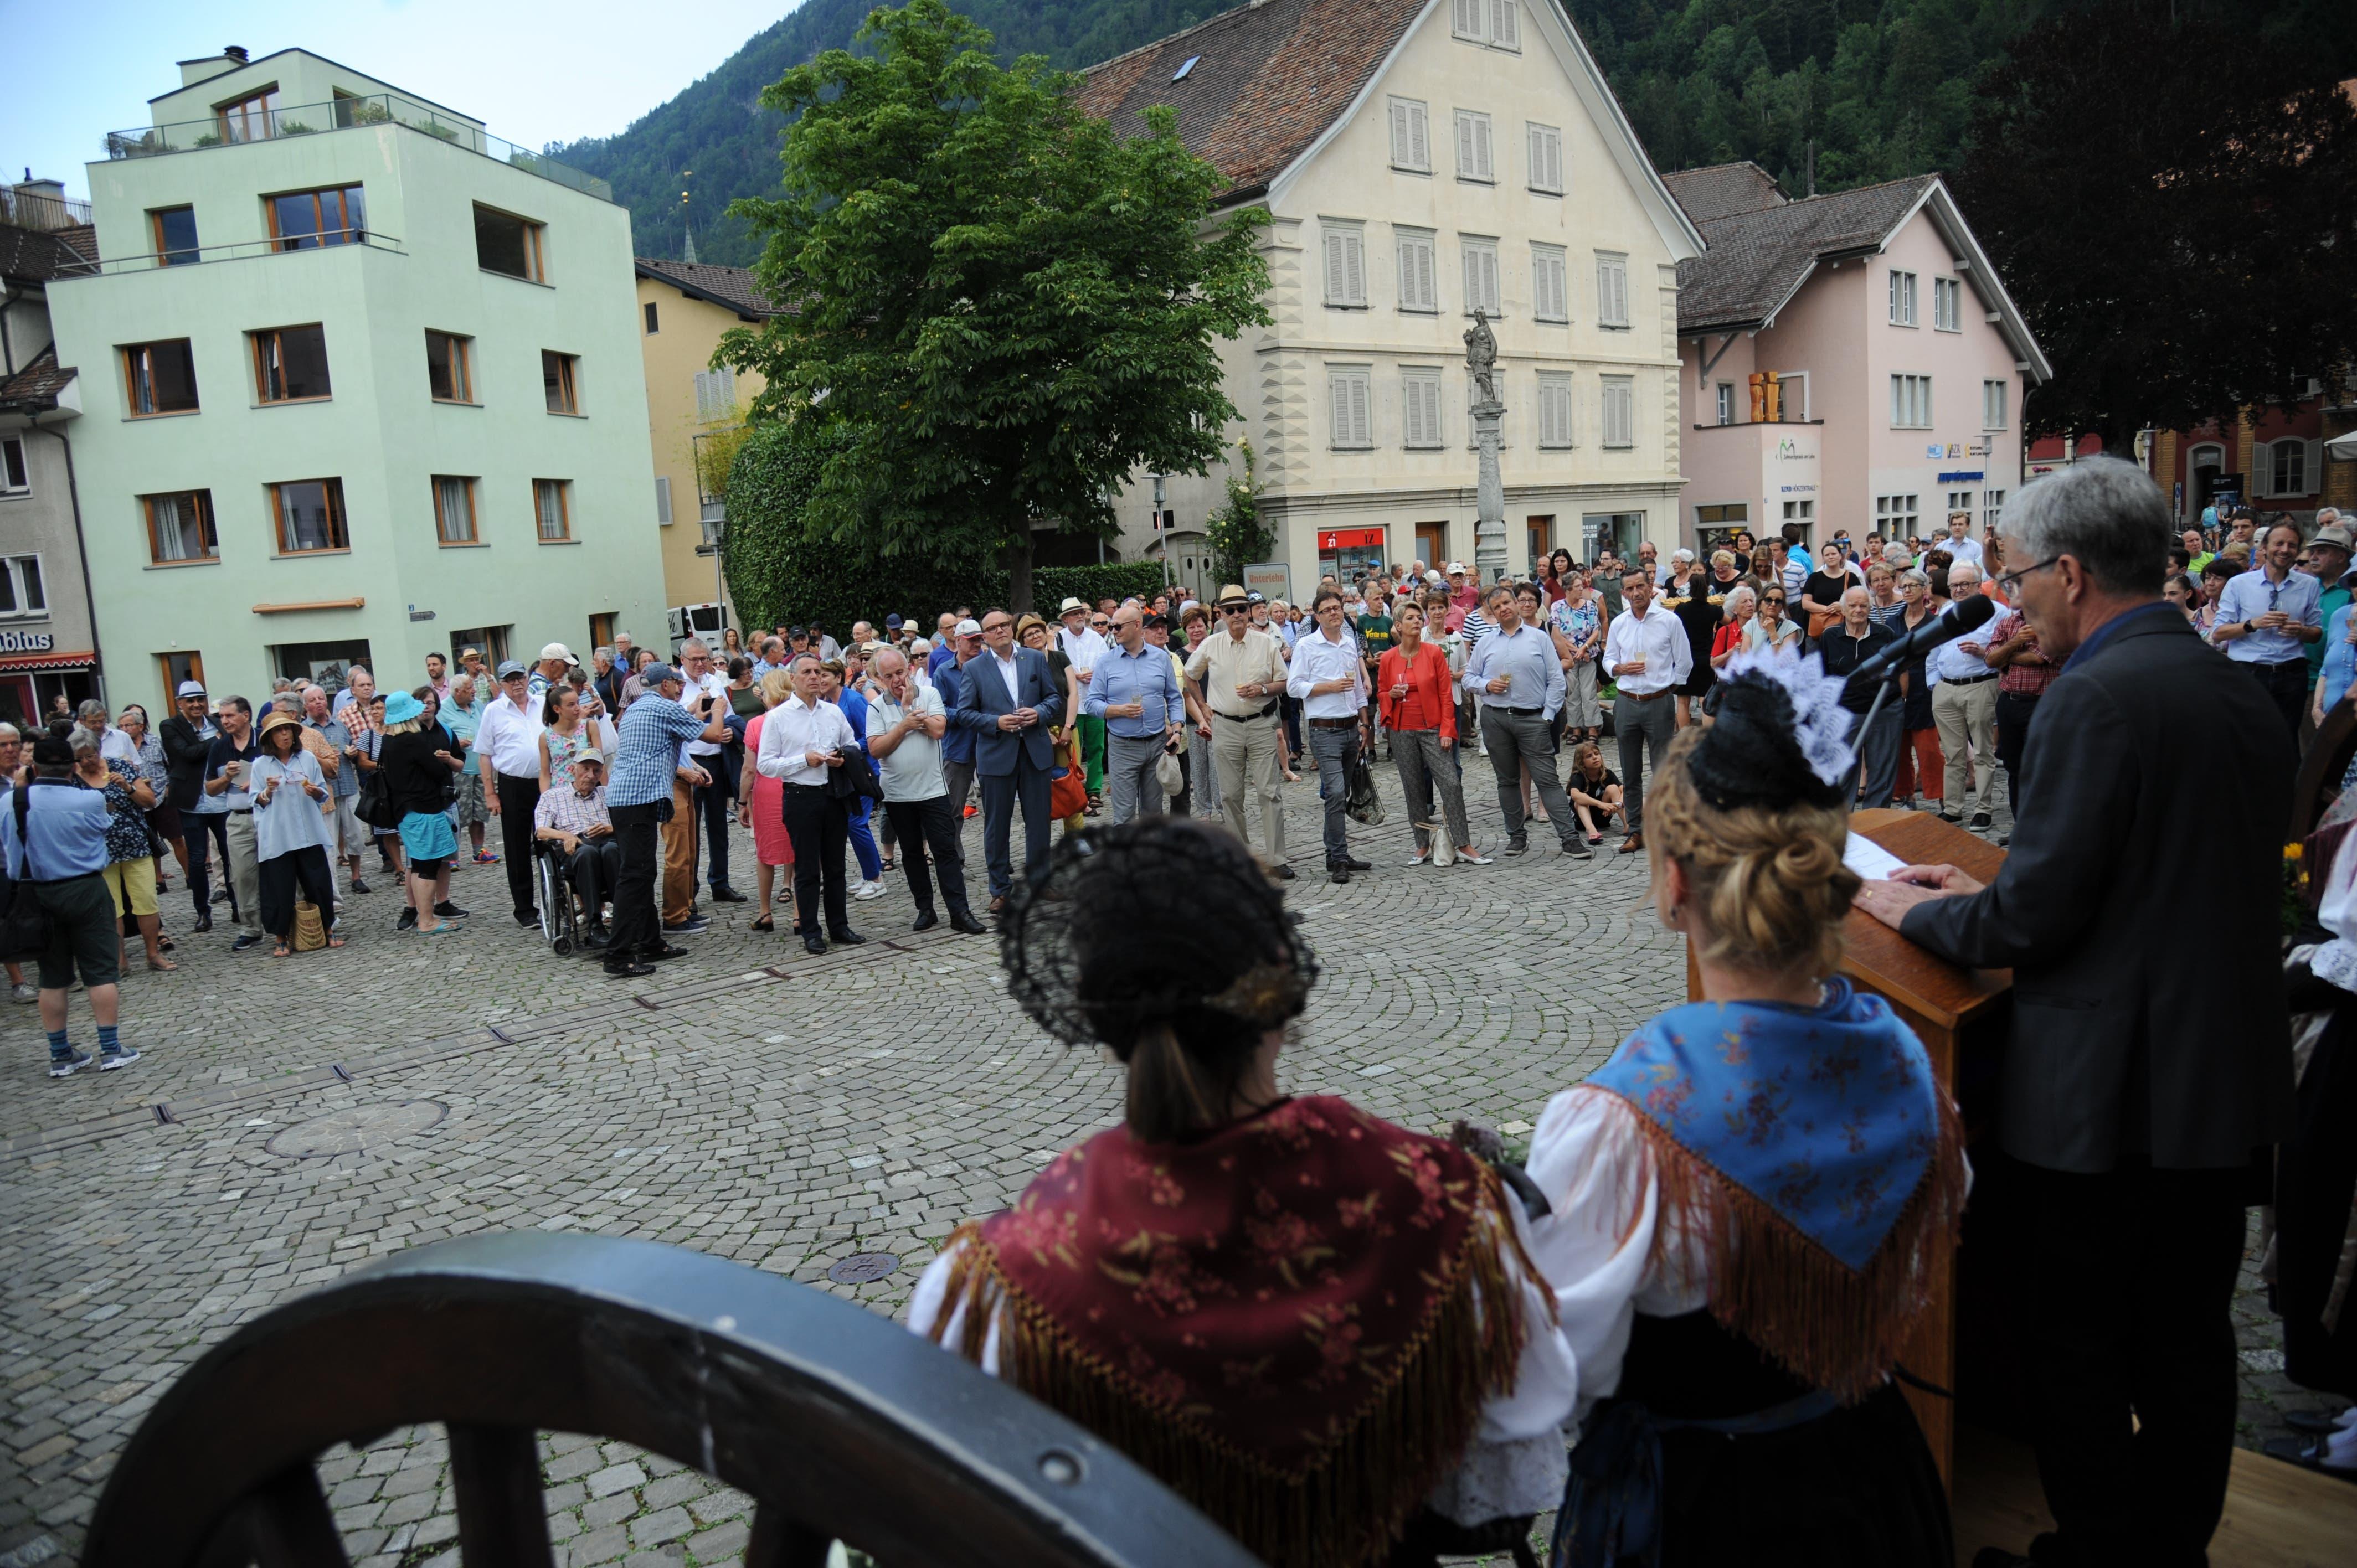 Bundesratsbesuch in Uri: Der Besuch zog viel Volk an. (Bild: Urs Hanhart, 4. Juli 2019)